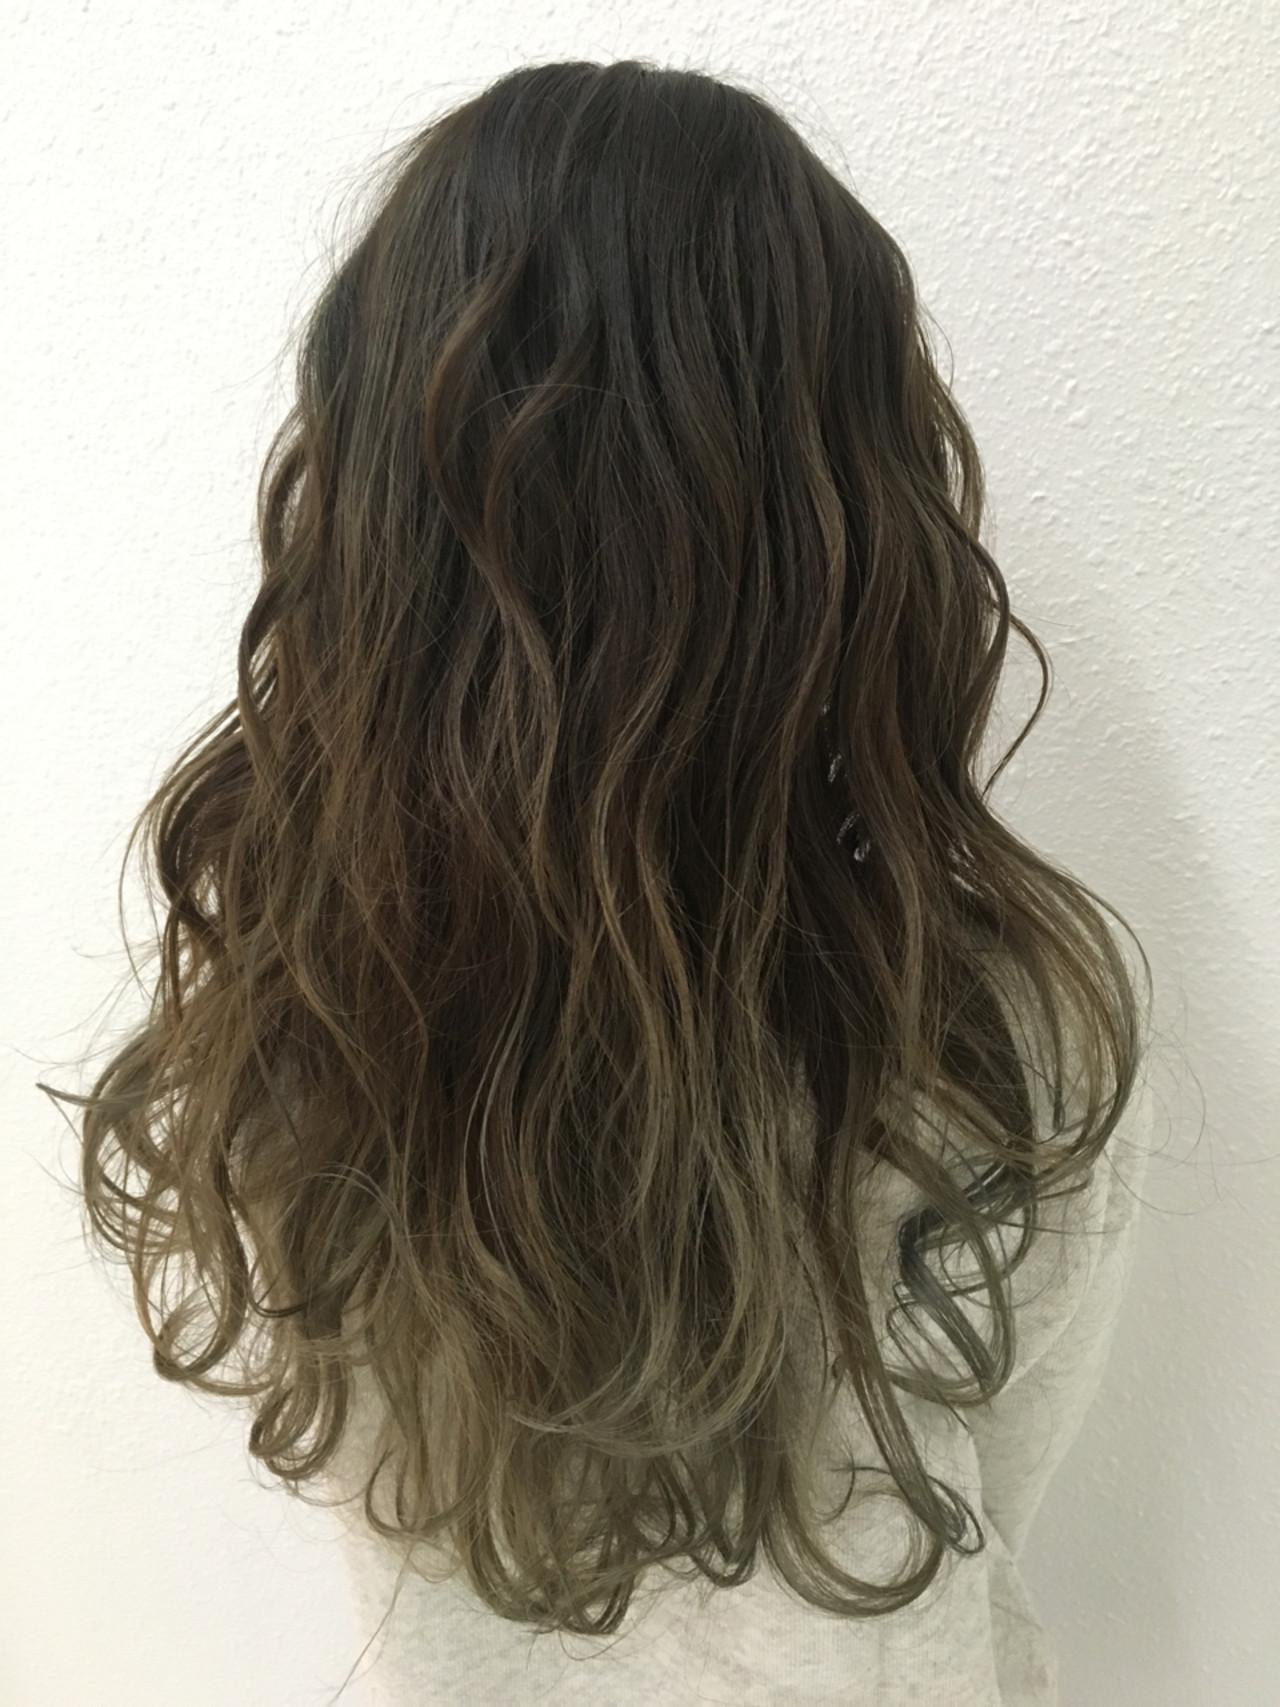 エレガント グラデーションカラー ロング 上品 ヘアスタイルや髪型の写真・画像